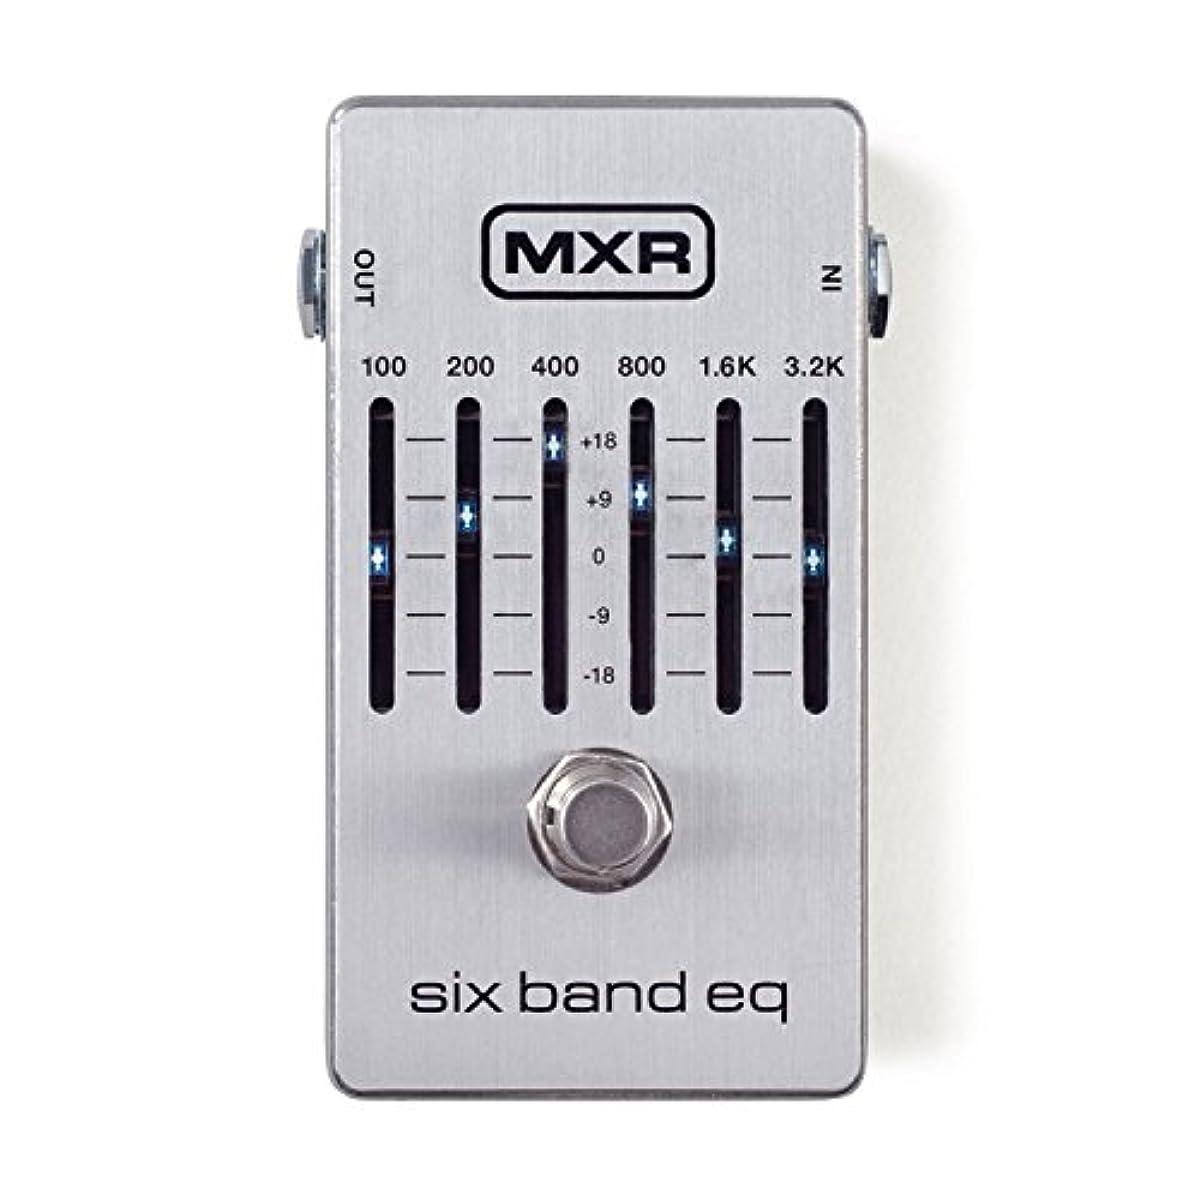 [해외] MXR 이펙터 M109S 6 BAND EQ 6 밴드 이퀄라이저